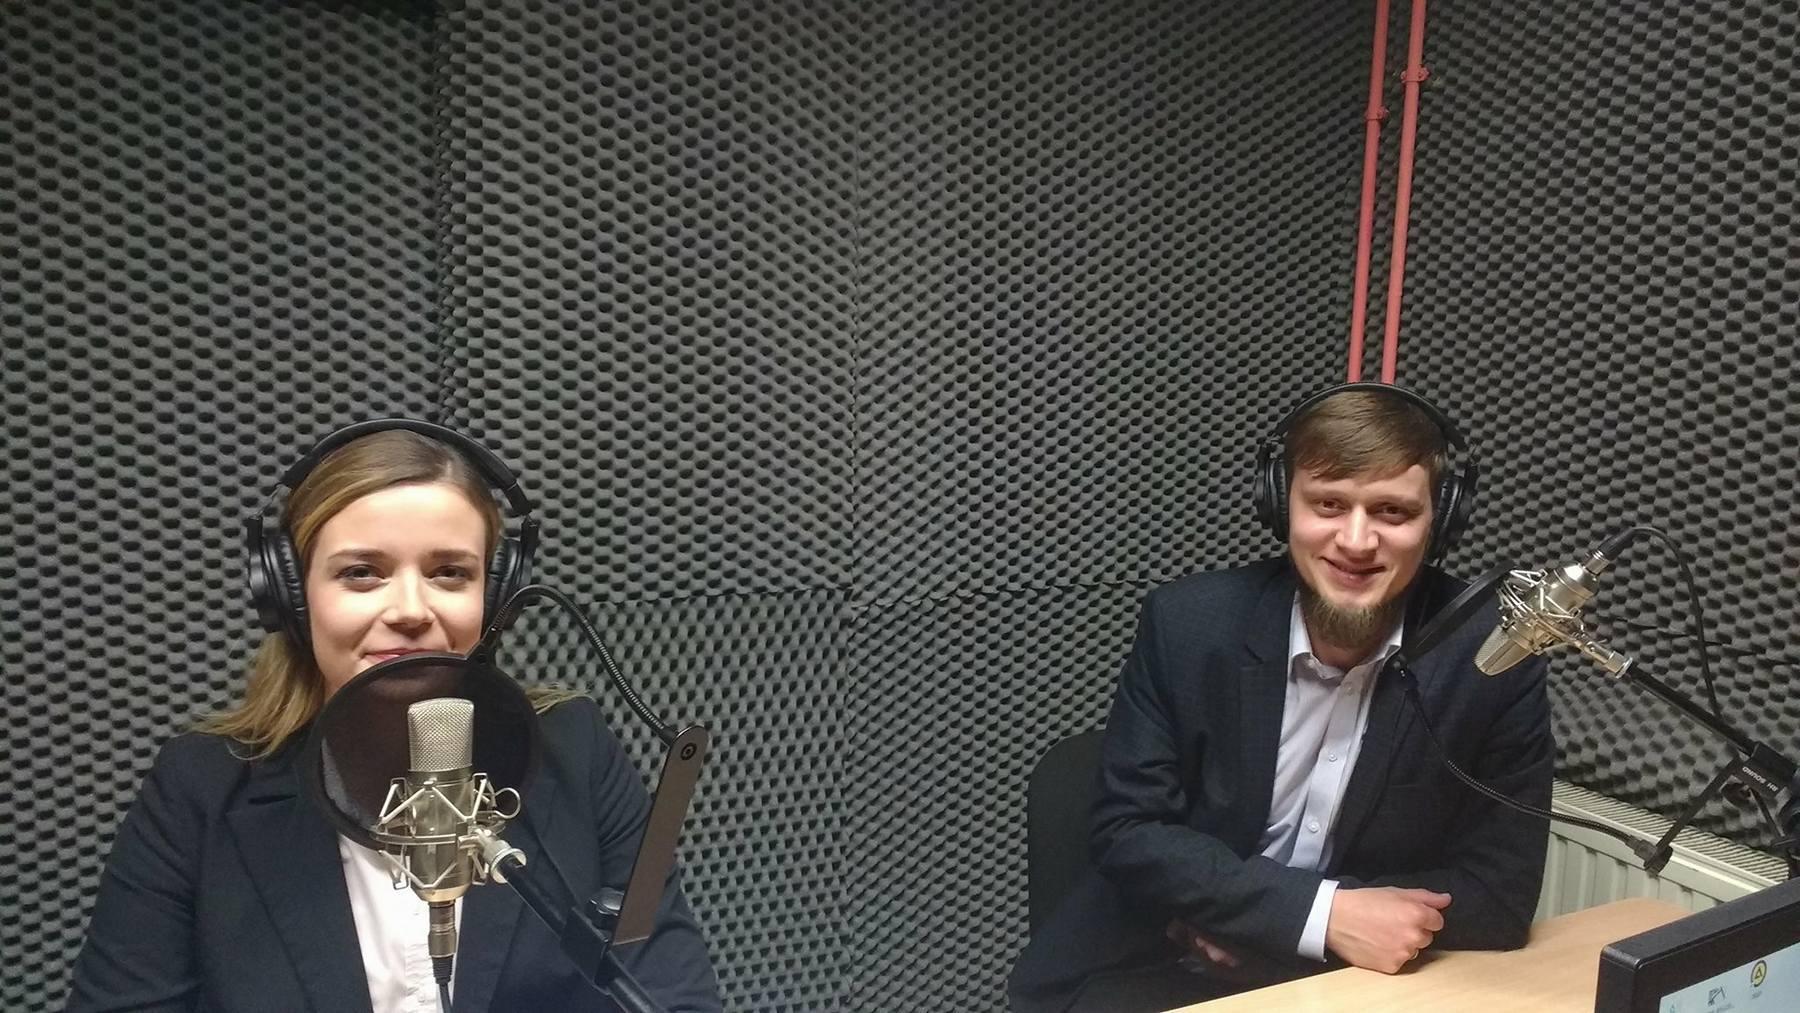 Audycja z gościnnym udziałem Julii Zaporowskiej oraz Adama Kopera